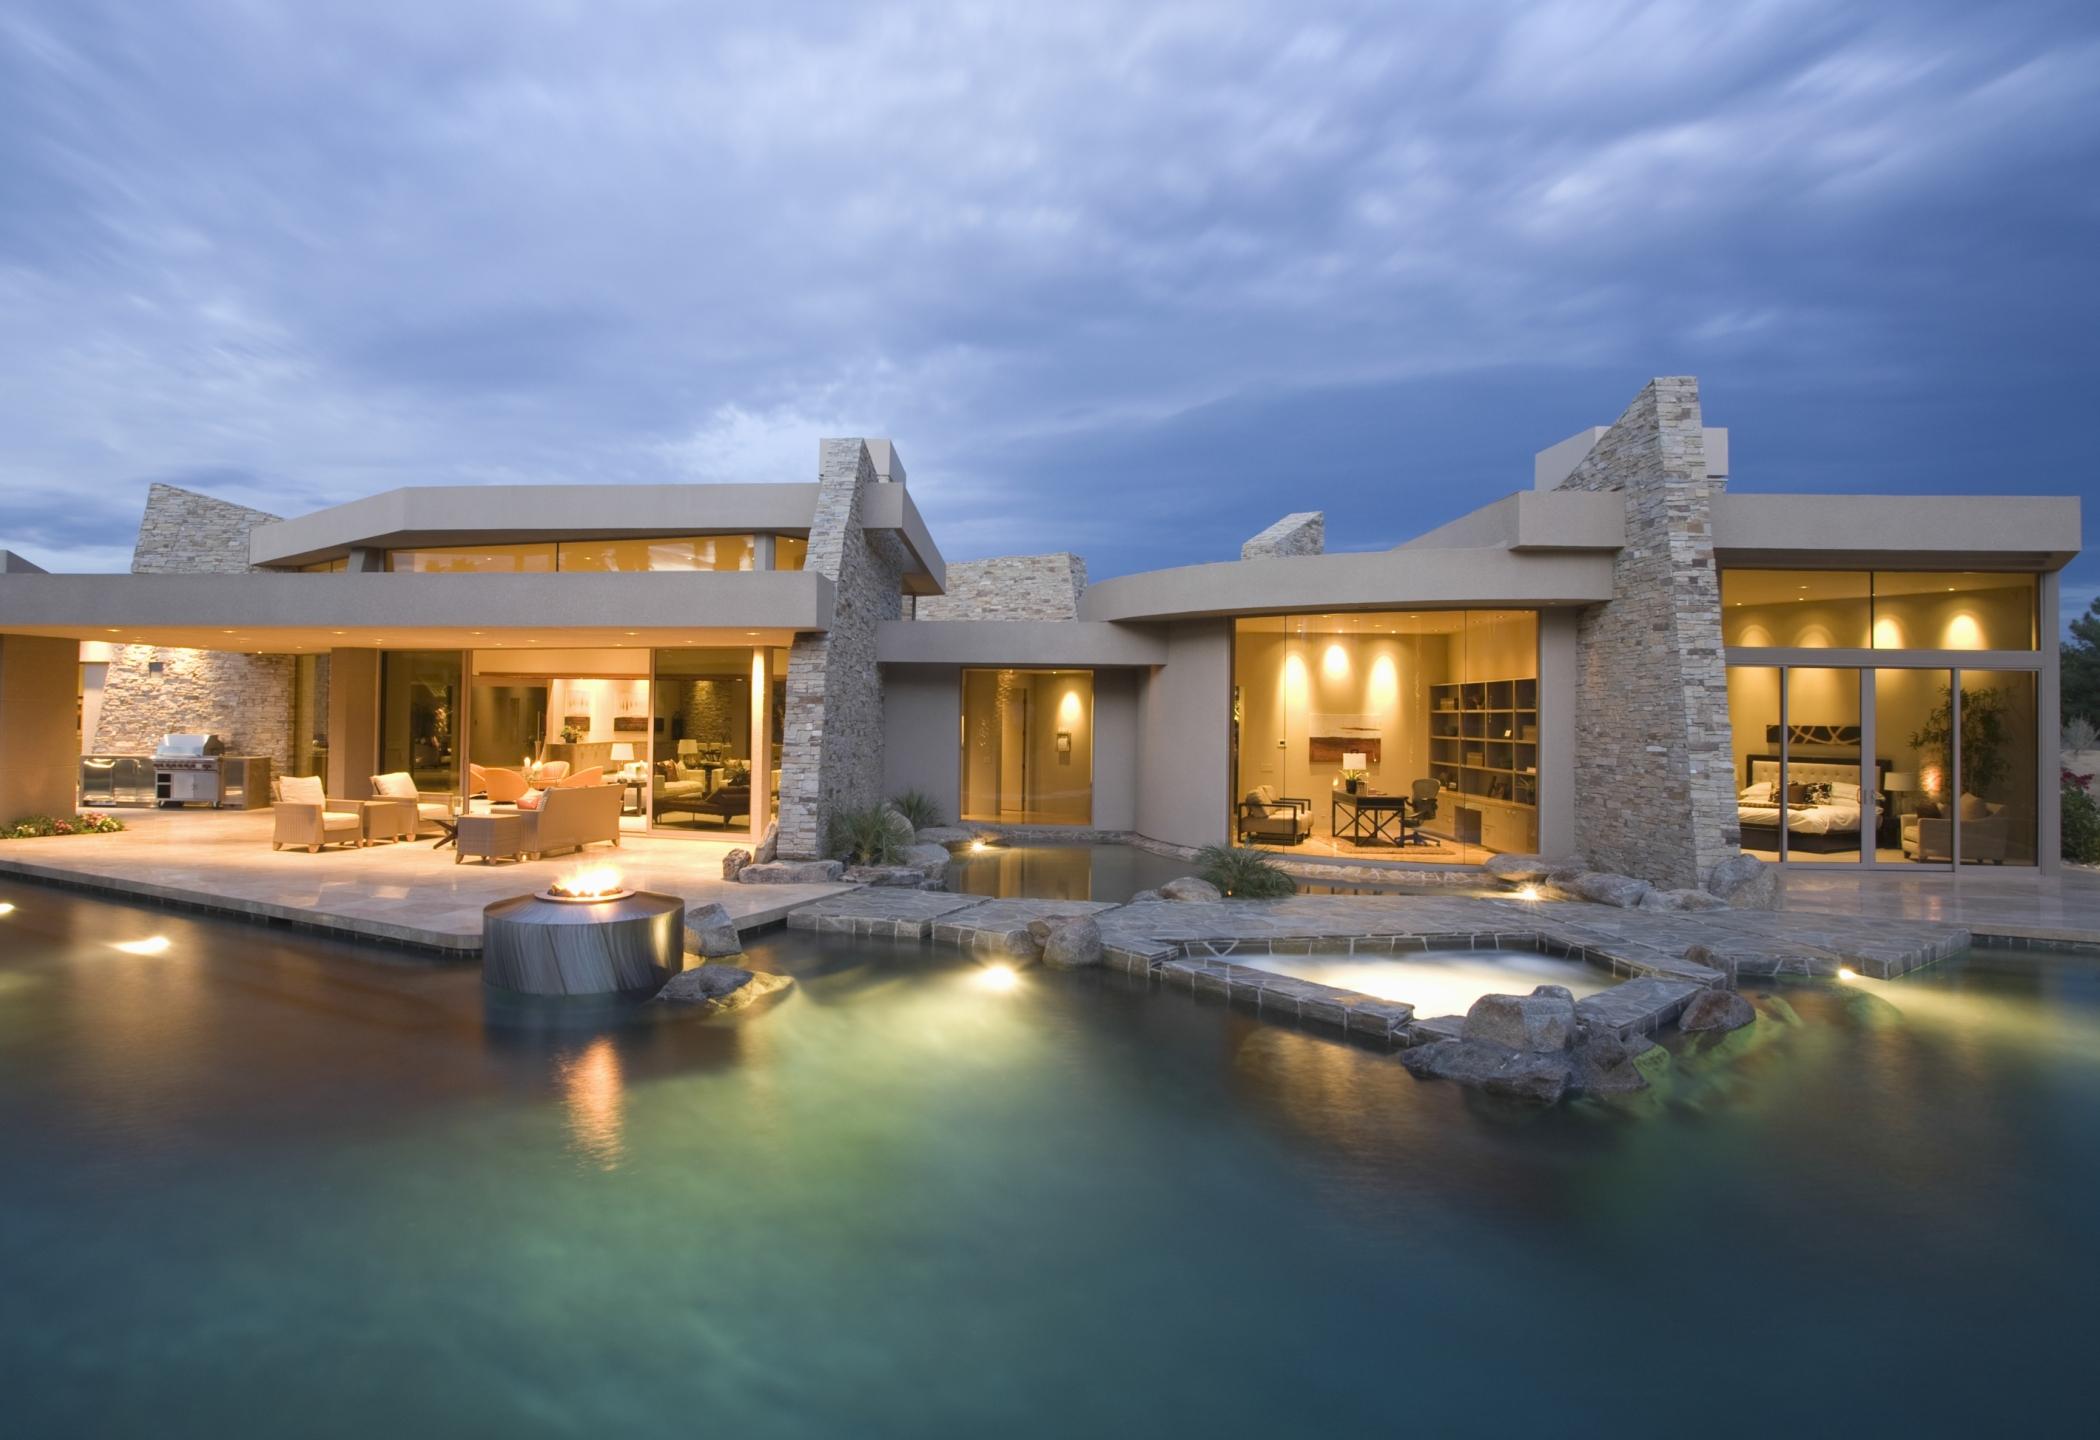 Arizona Homes for Sale | RE/MAX Arizona Luxury Homes